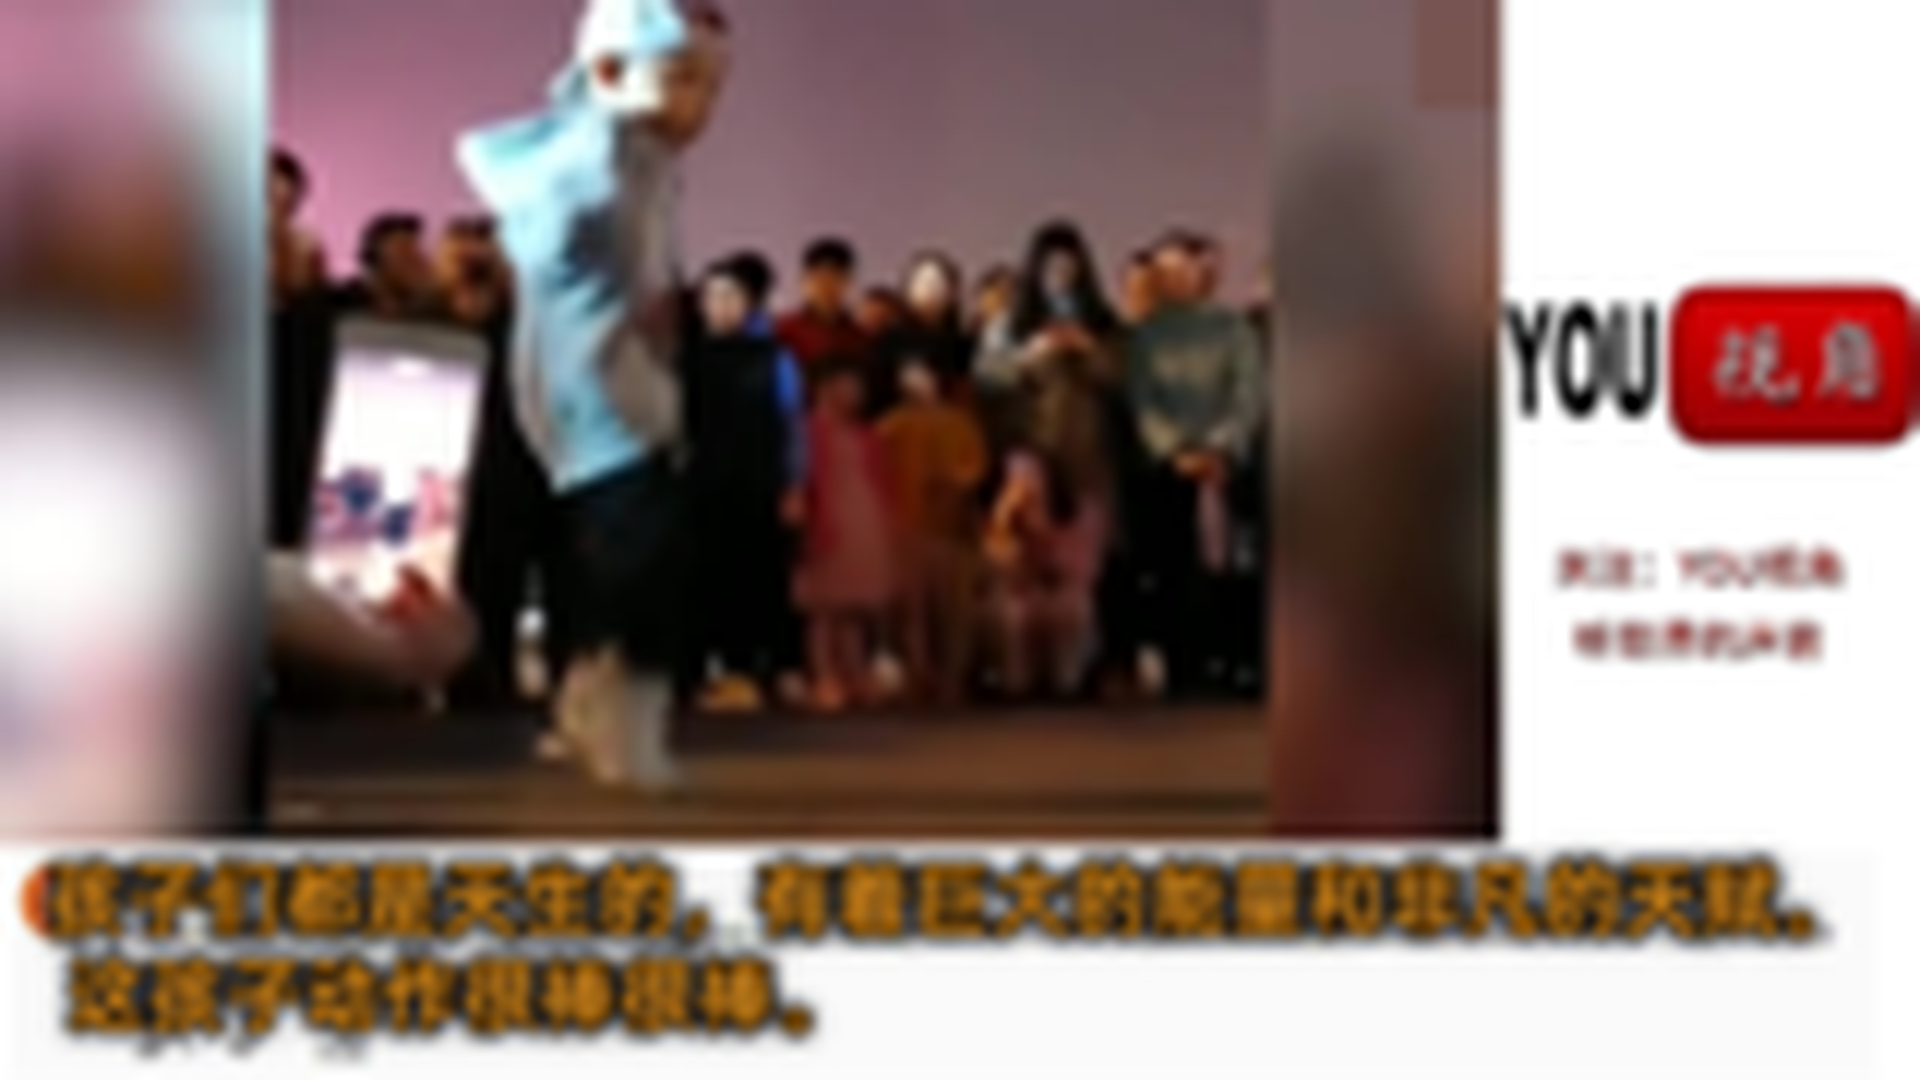 中国4岁男孩跳舞火到国外 网友 说实话他跳的比我好